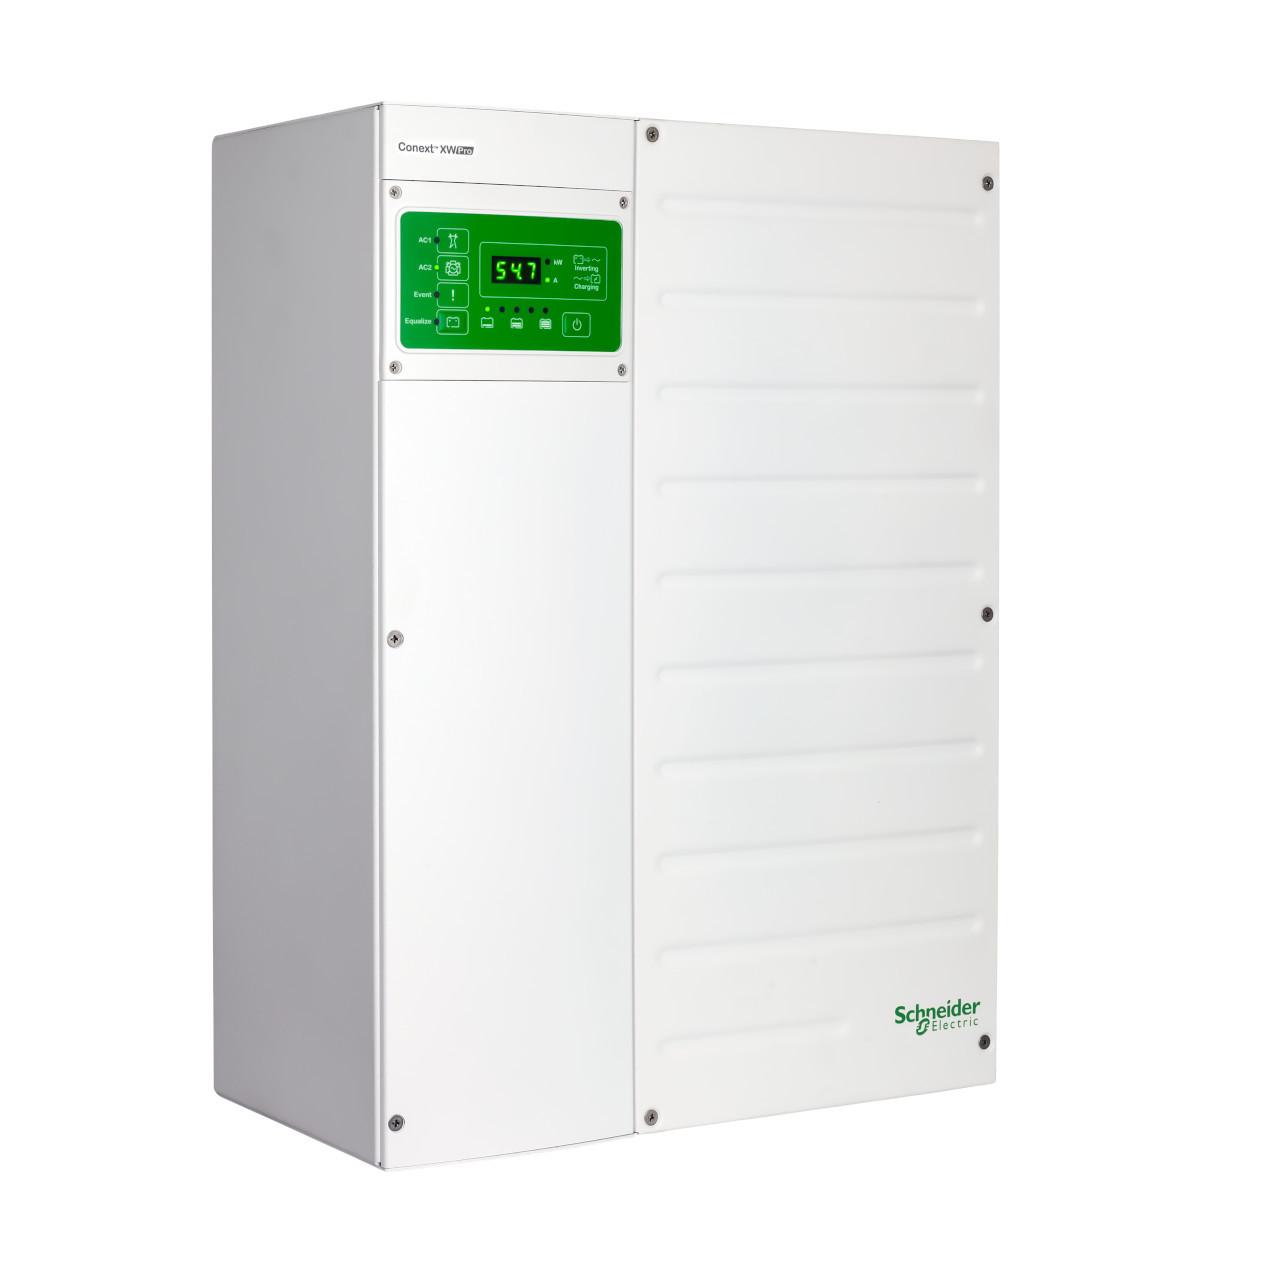 Schneider - Conext XW Pro 6848